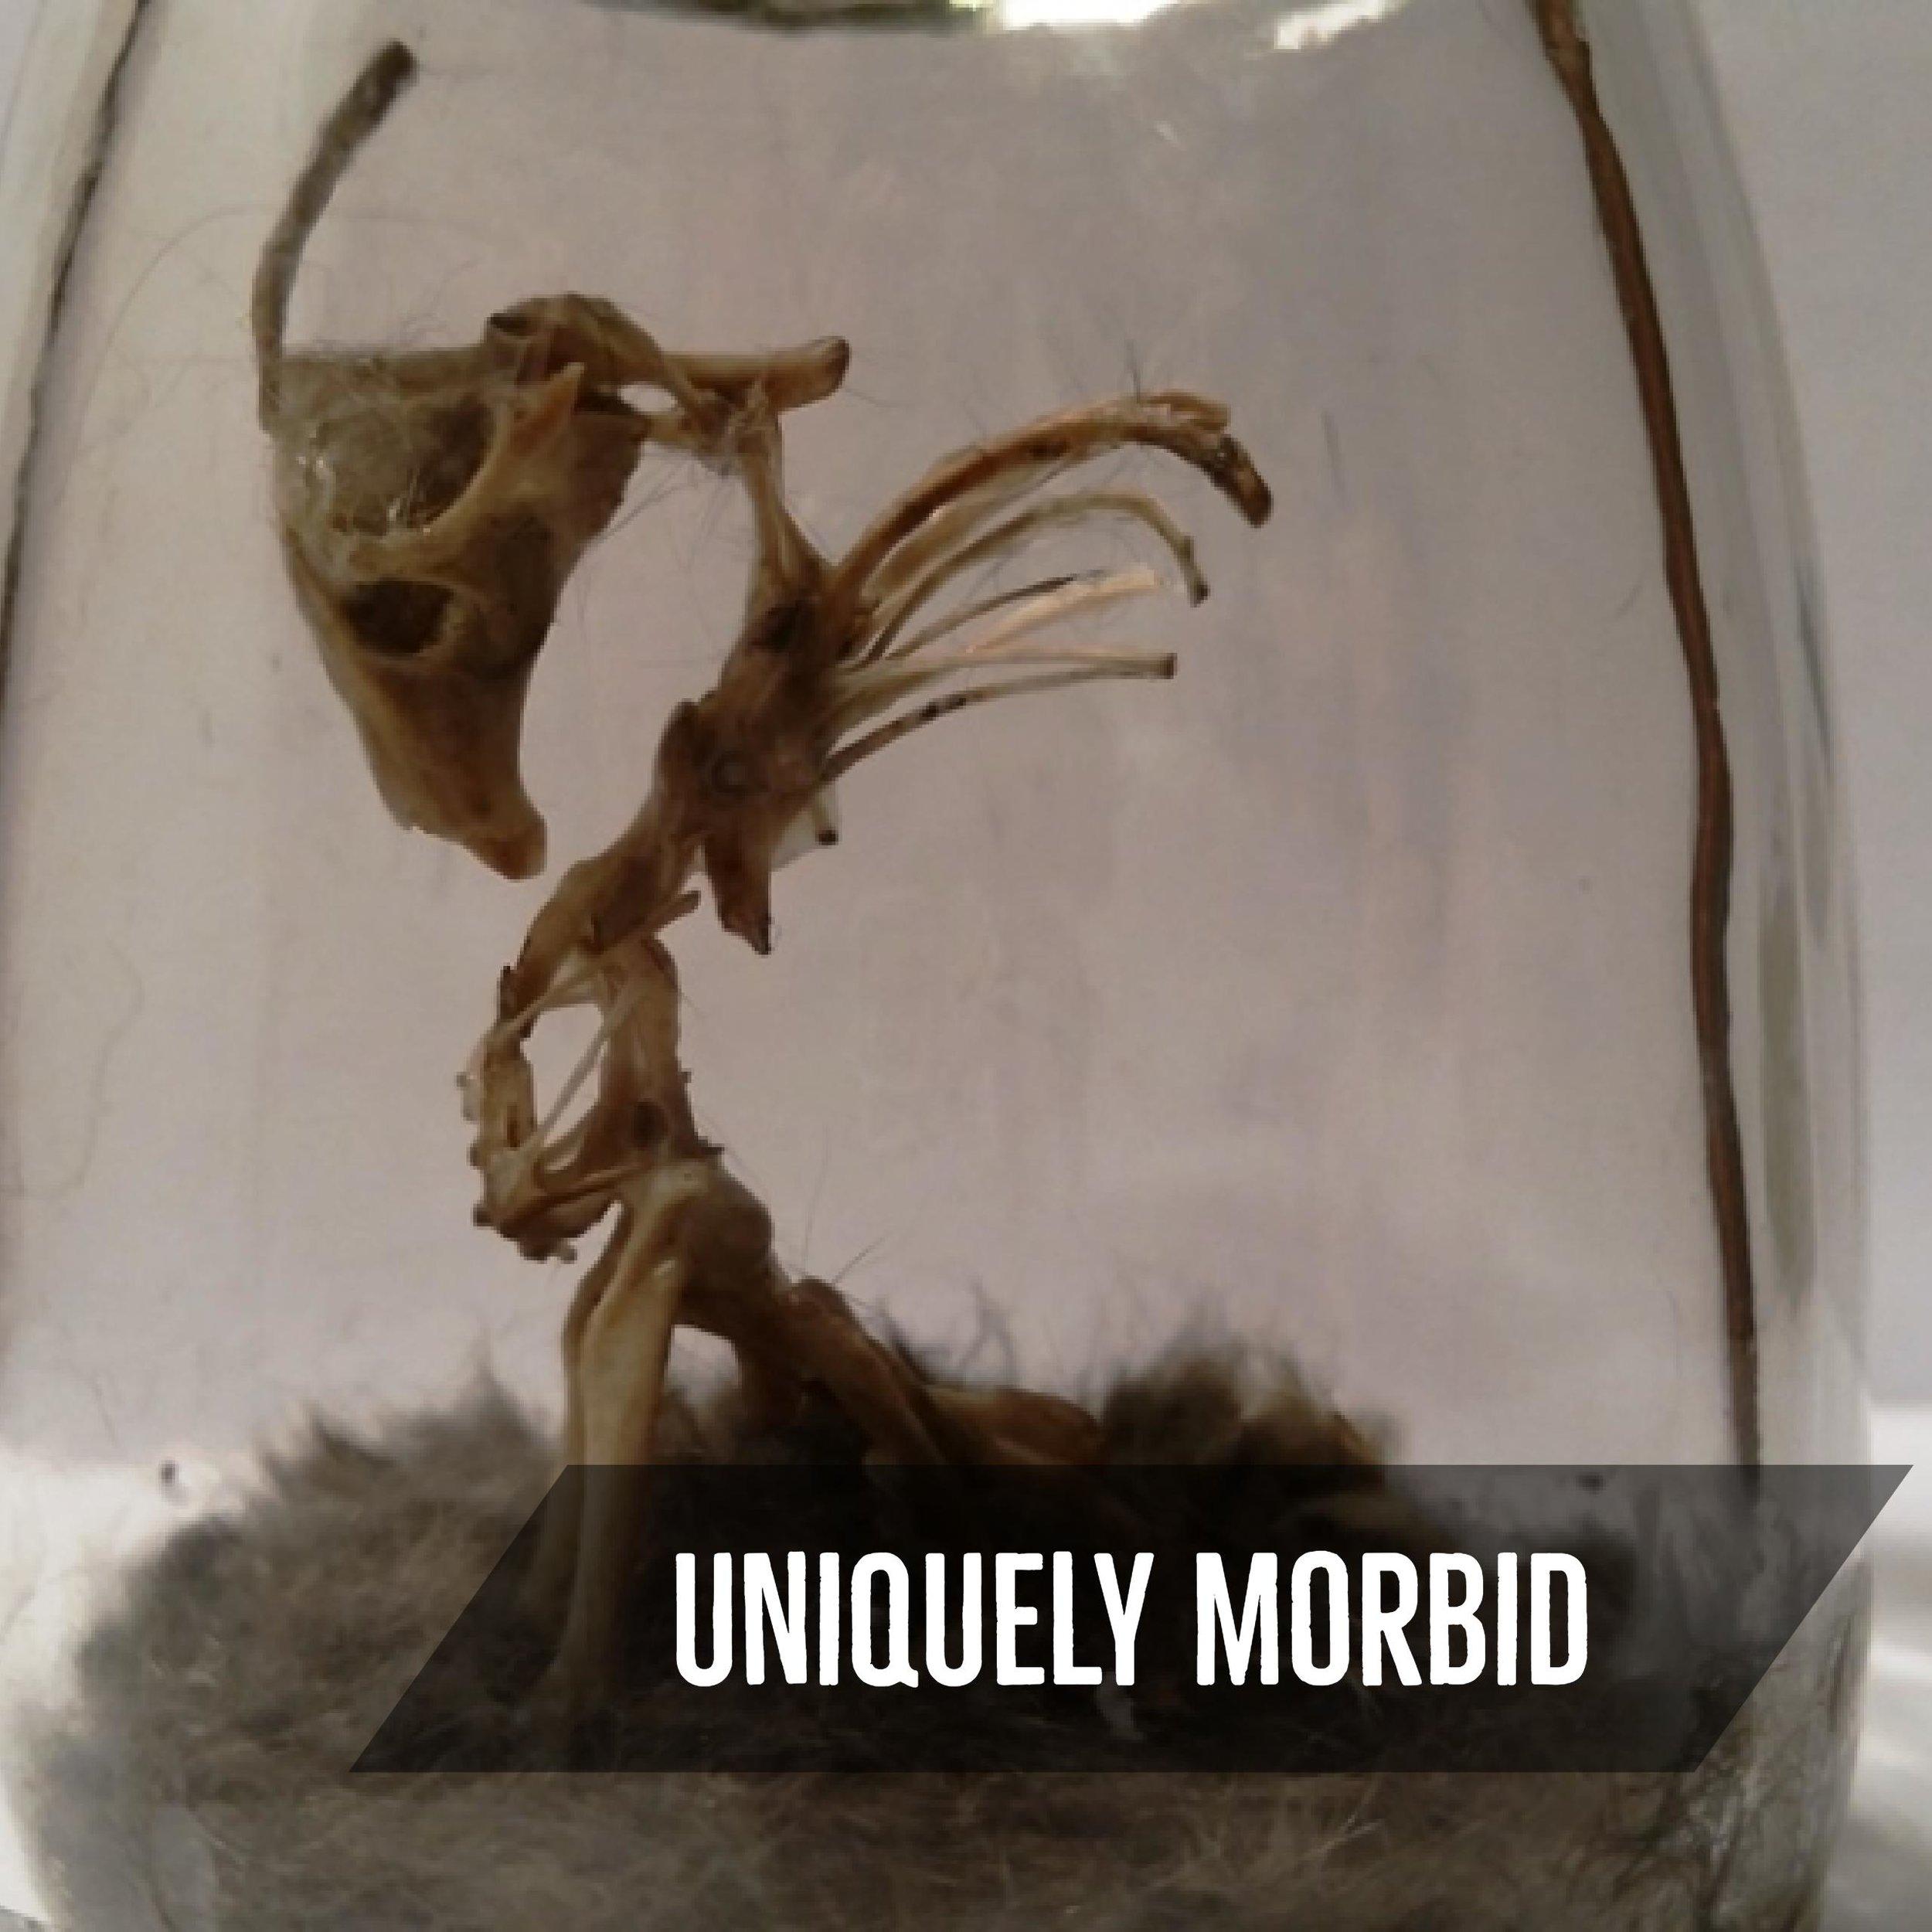 Uniquely Morbid